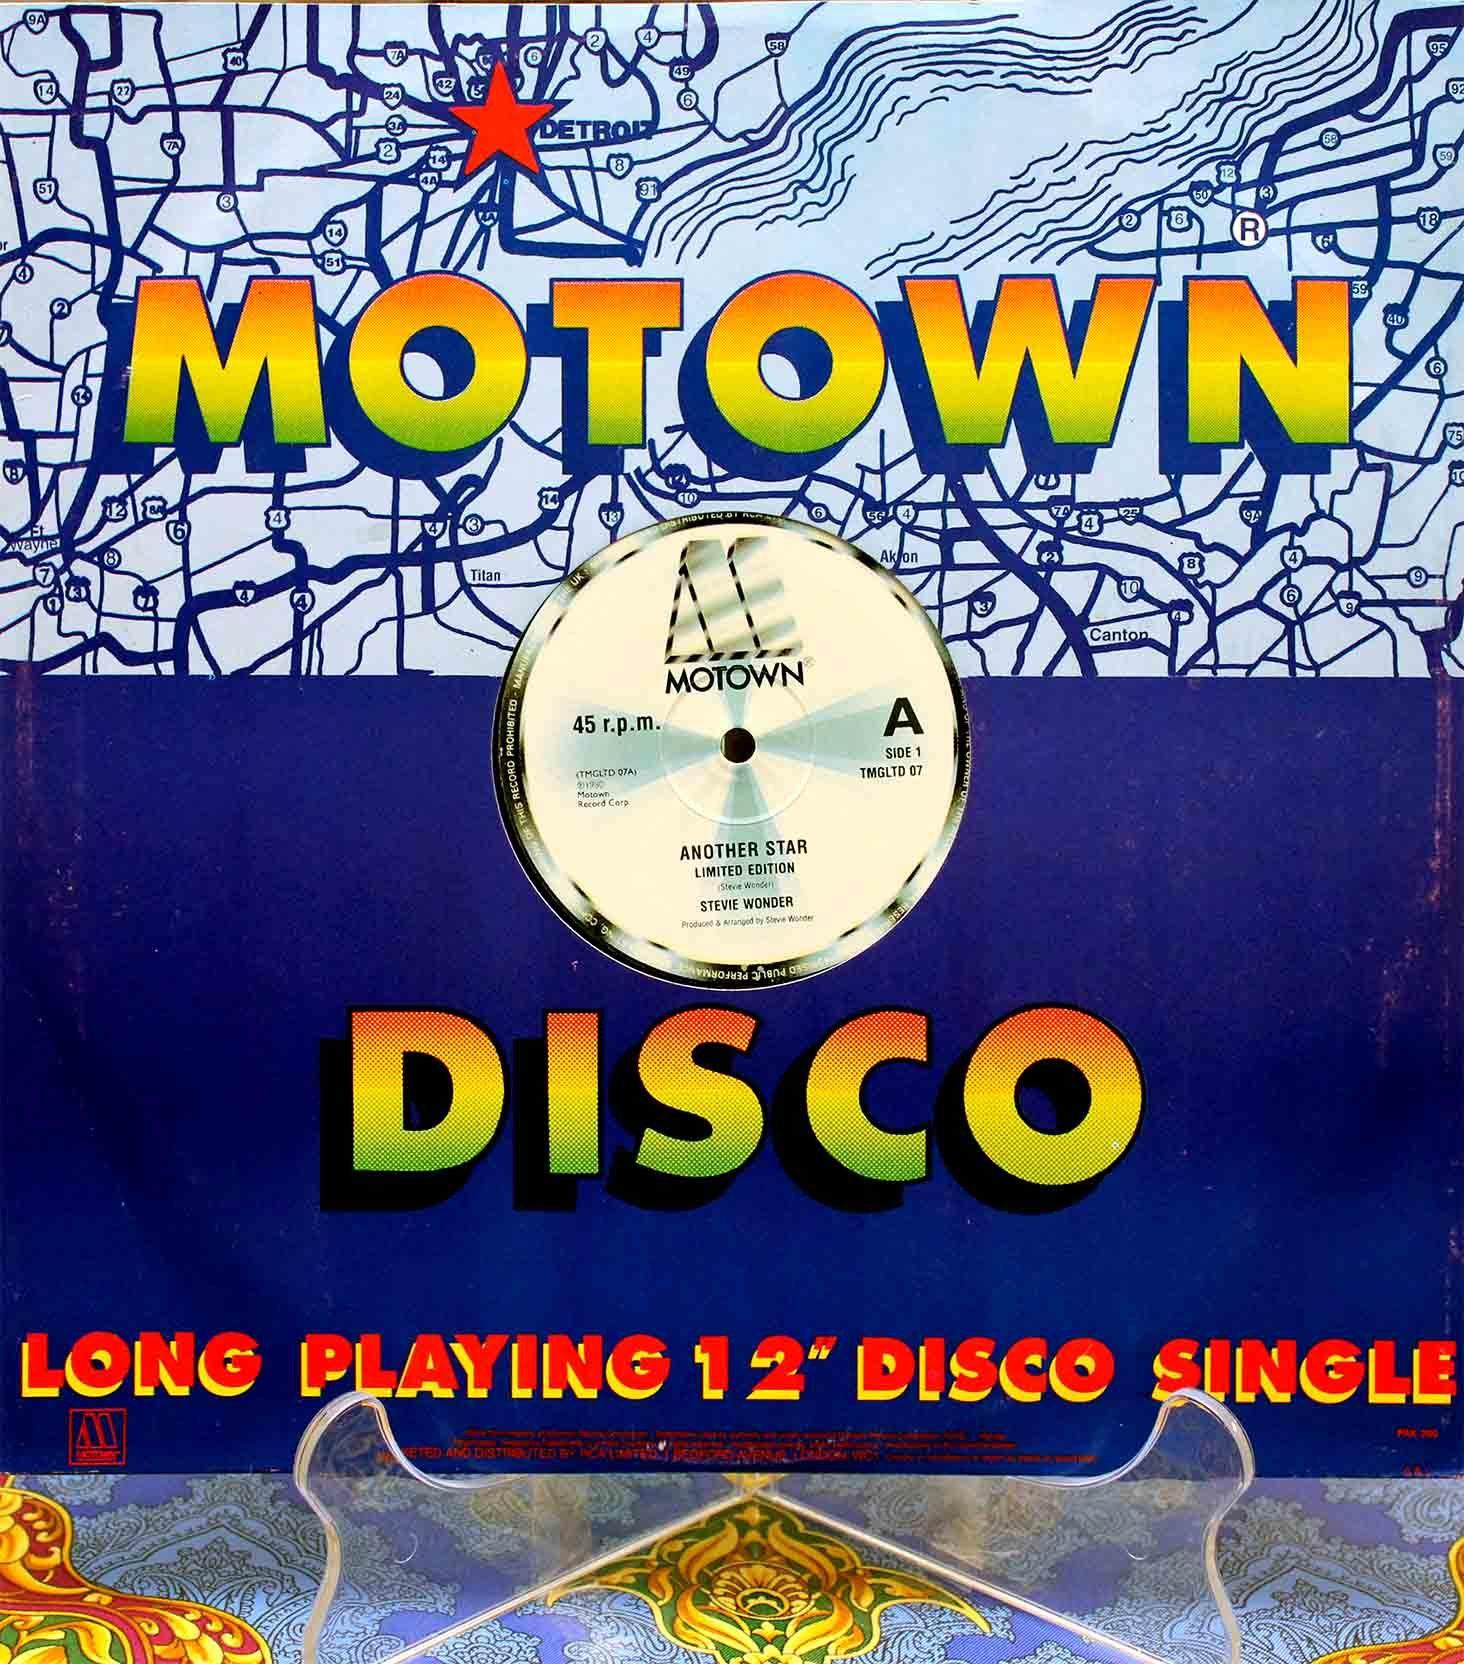 Stevie Wonder – Another Star 01